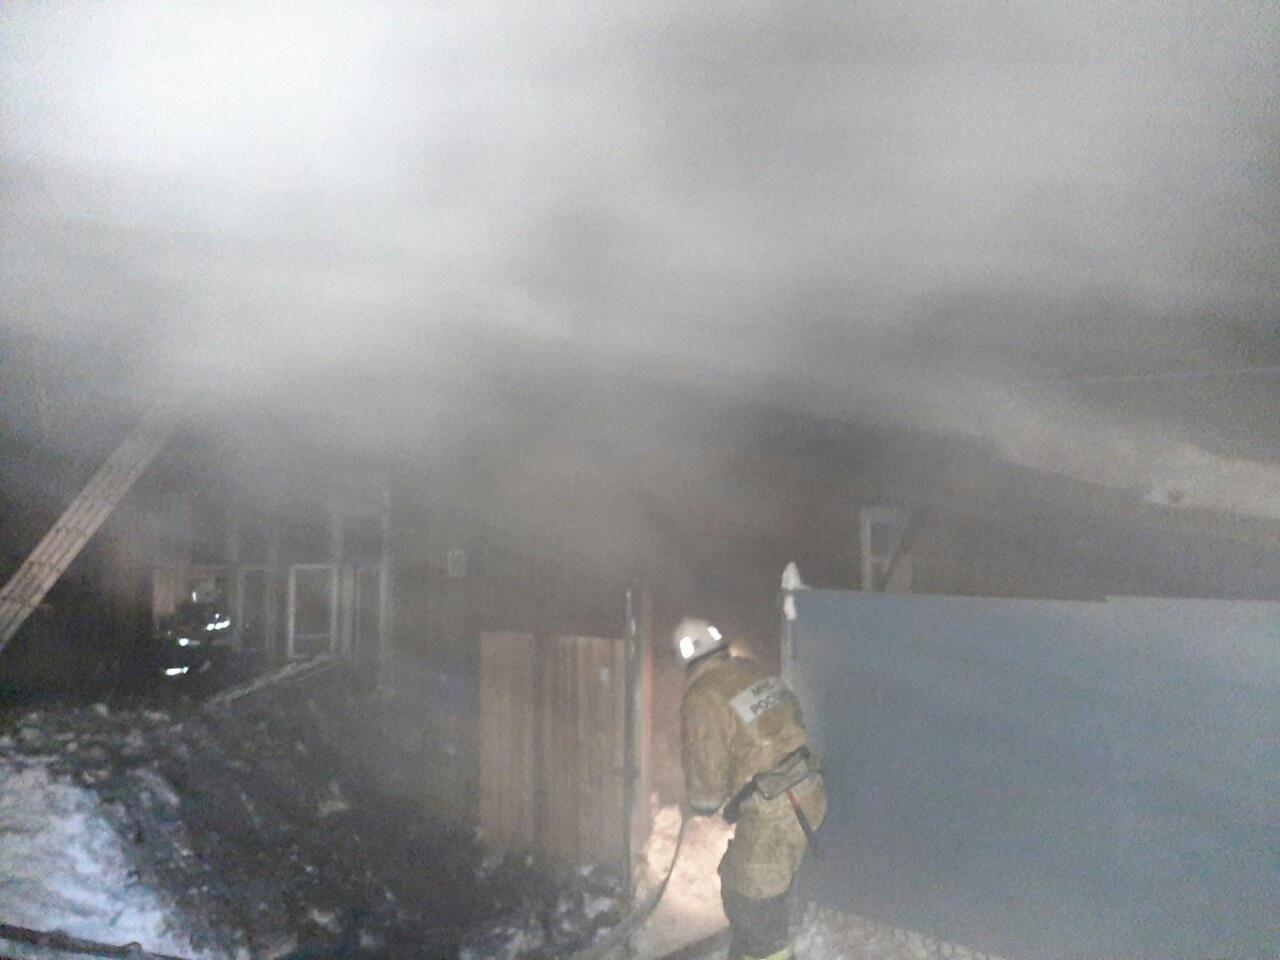 Пожарно-спасательные подразделения ликвидируют пожар в Яранском районе